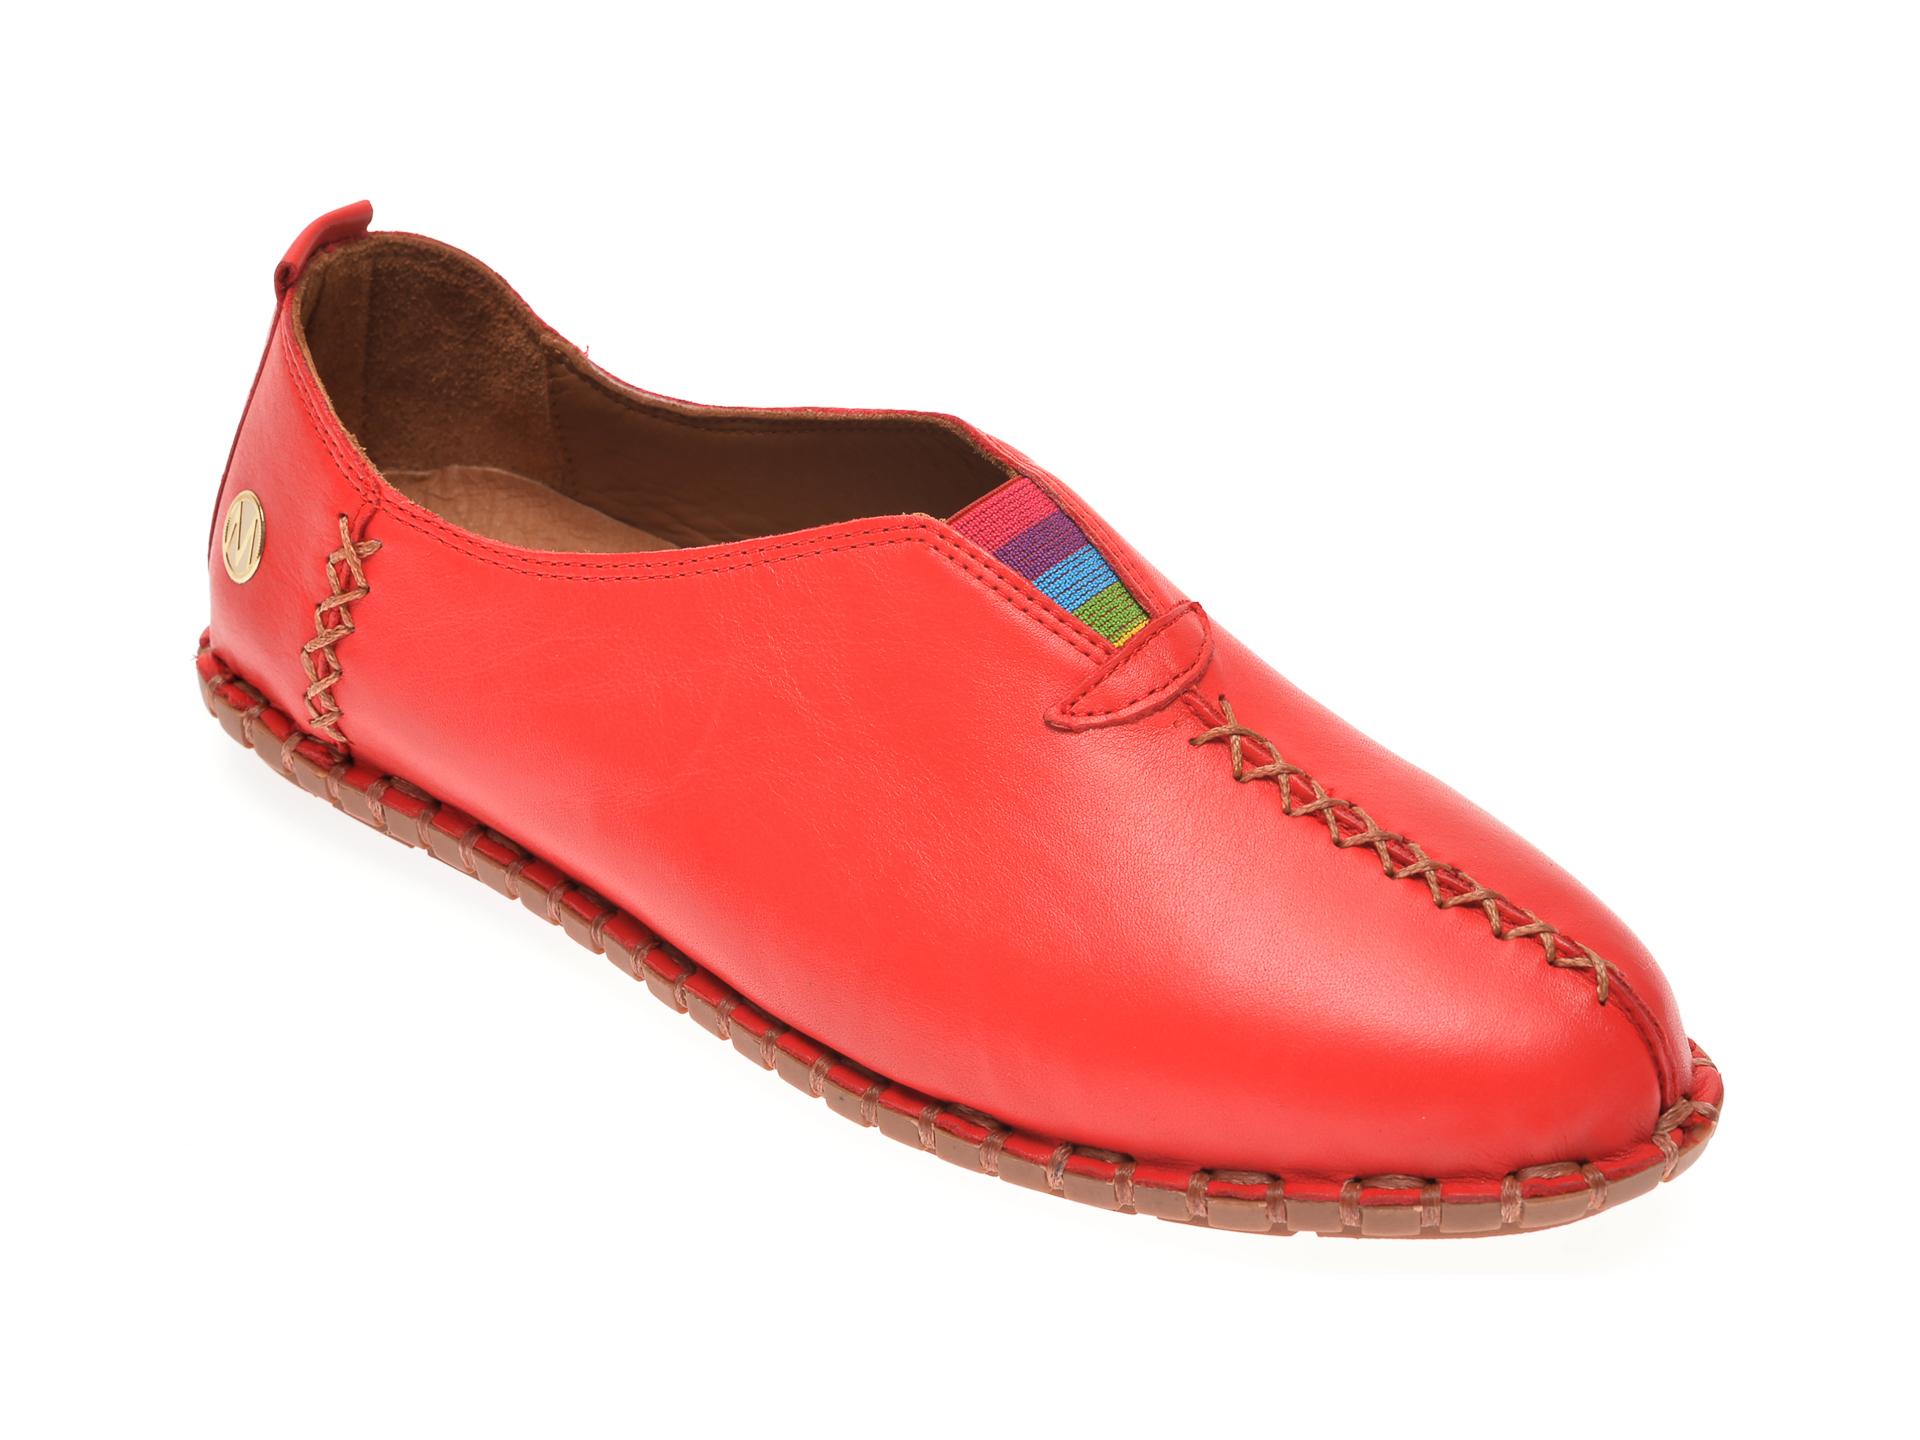 Pantofi MESSIMODA rosii, 20Y2901, din piele naturala